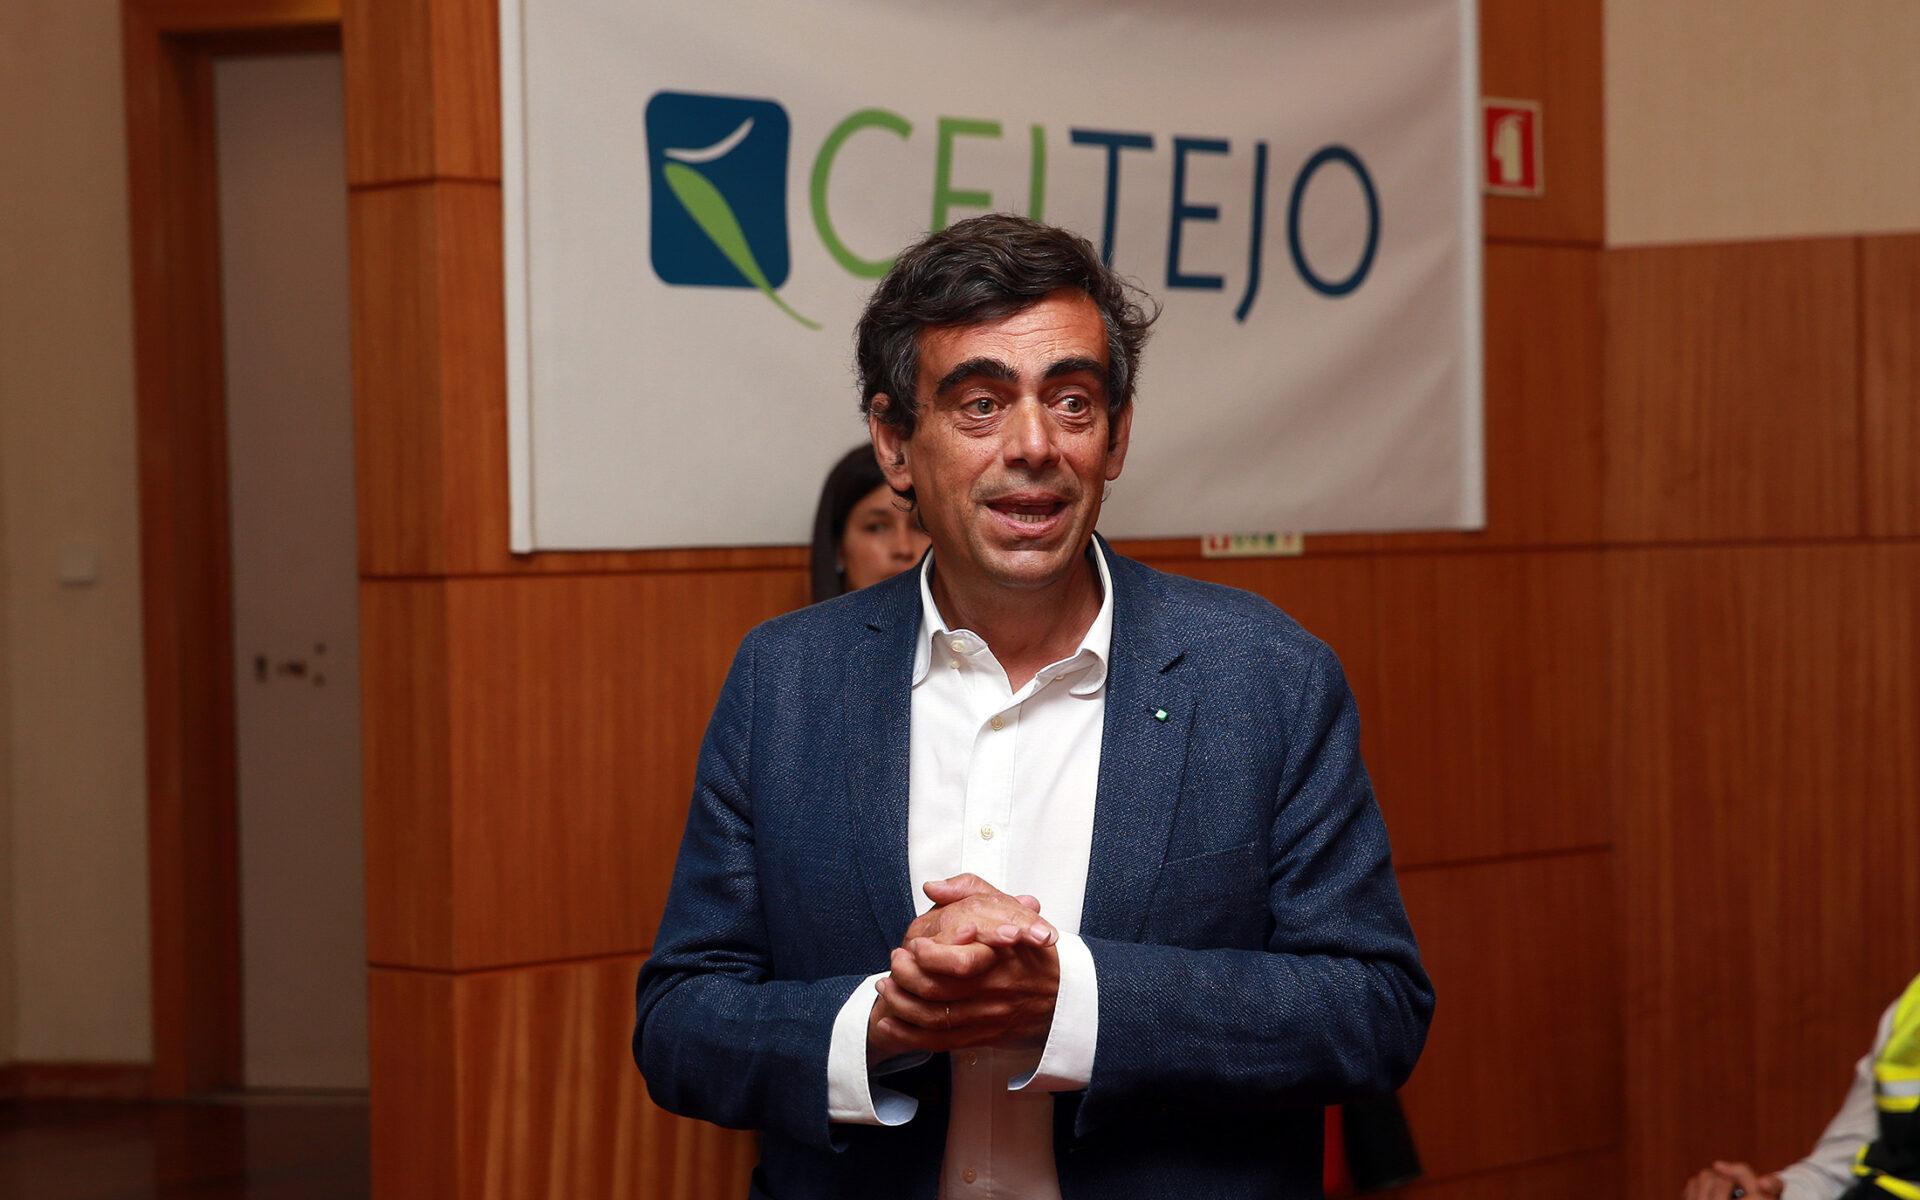 Luís Pereira, the mayor of Vila Velha de Ródão